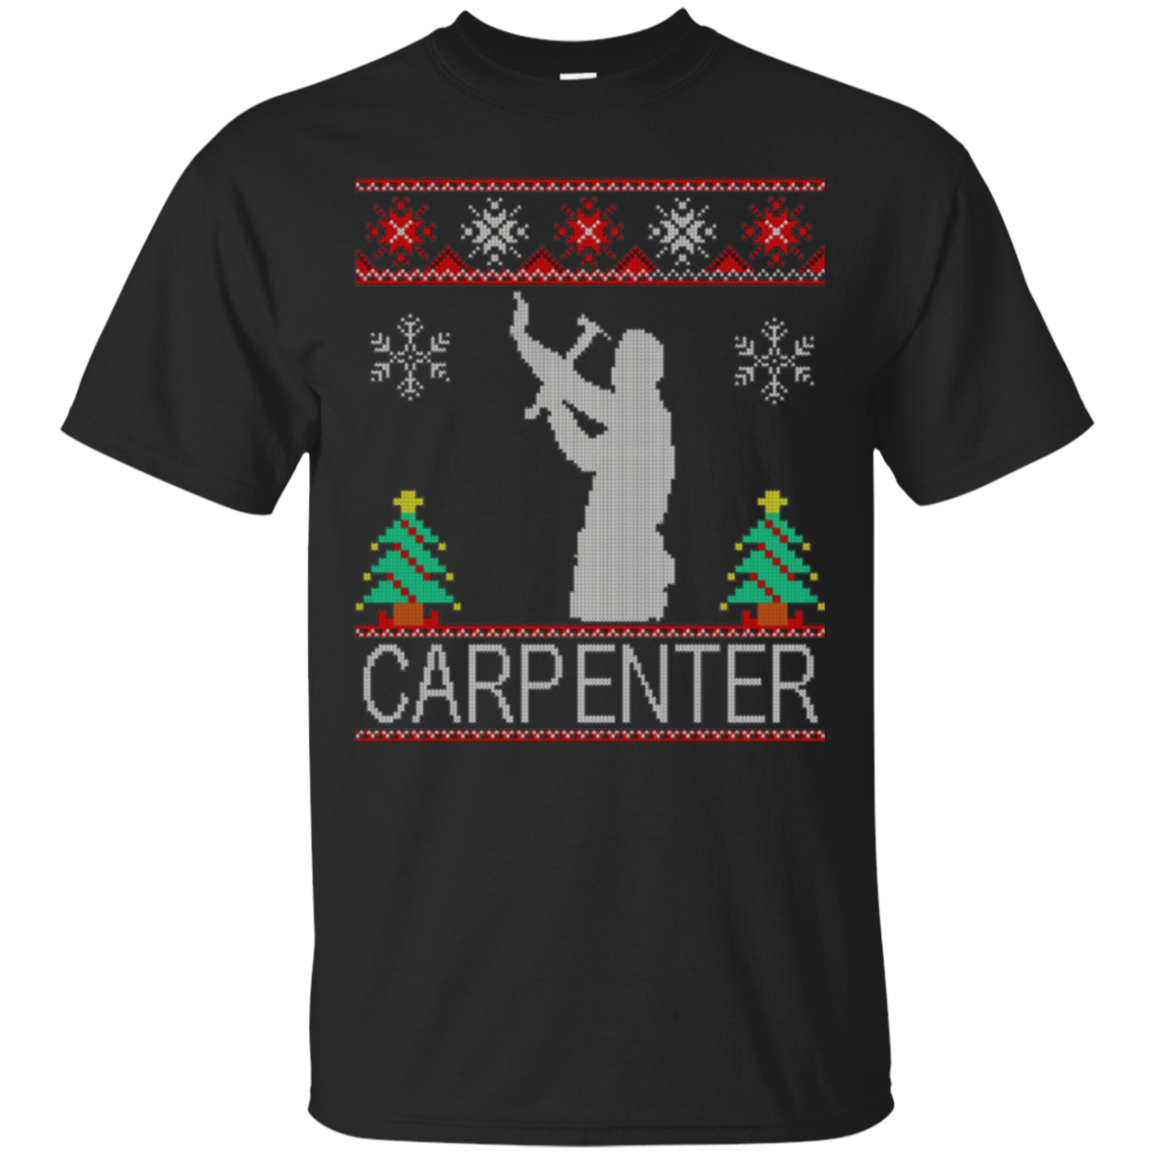 Carpenter Christmas Shirt